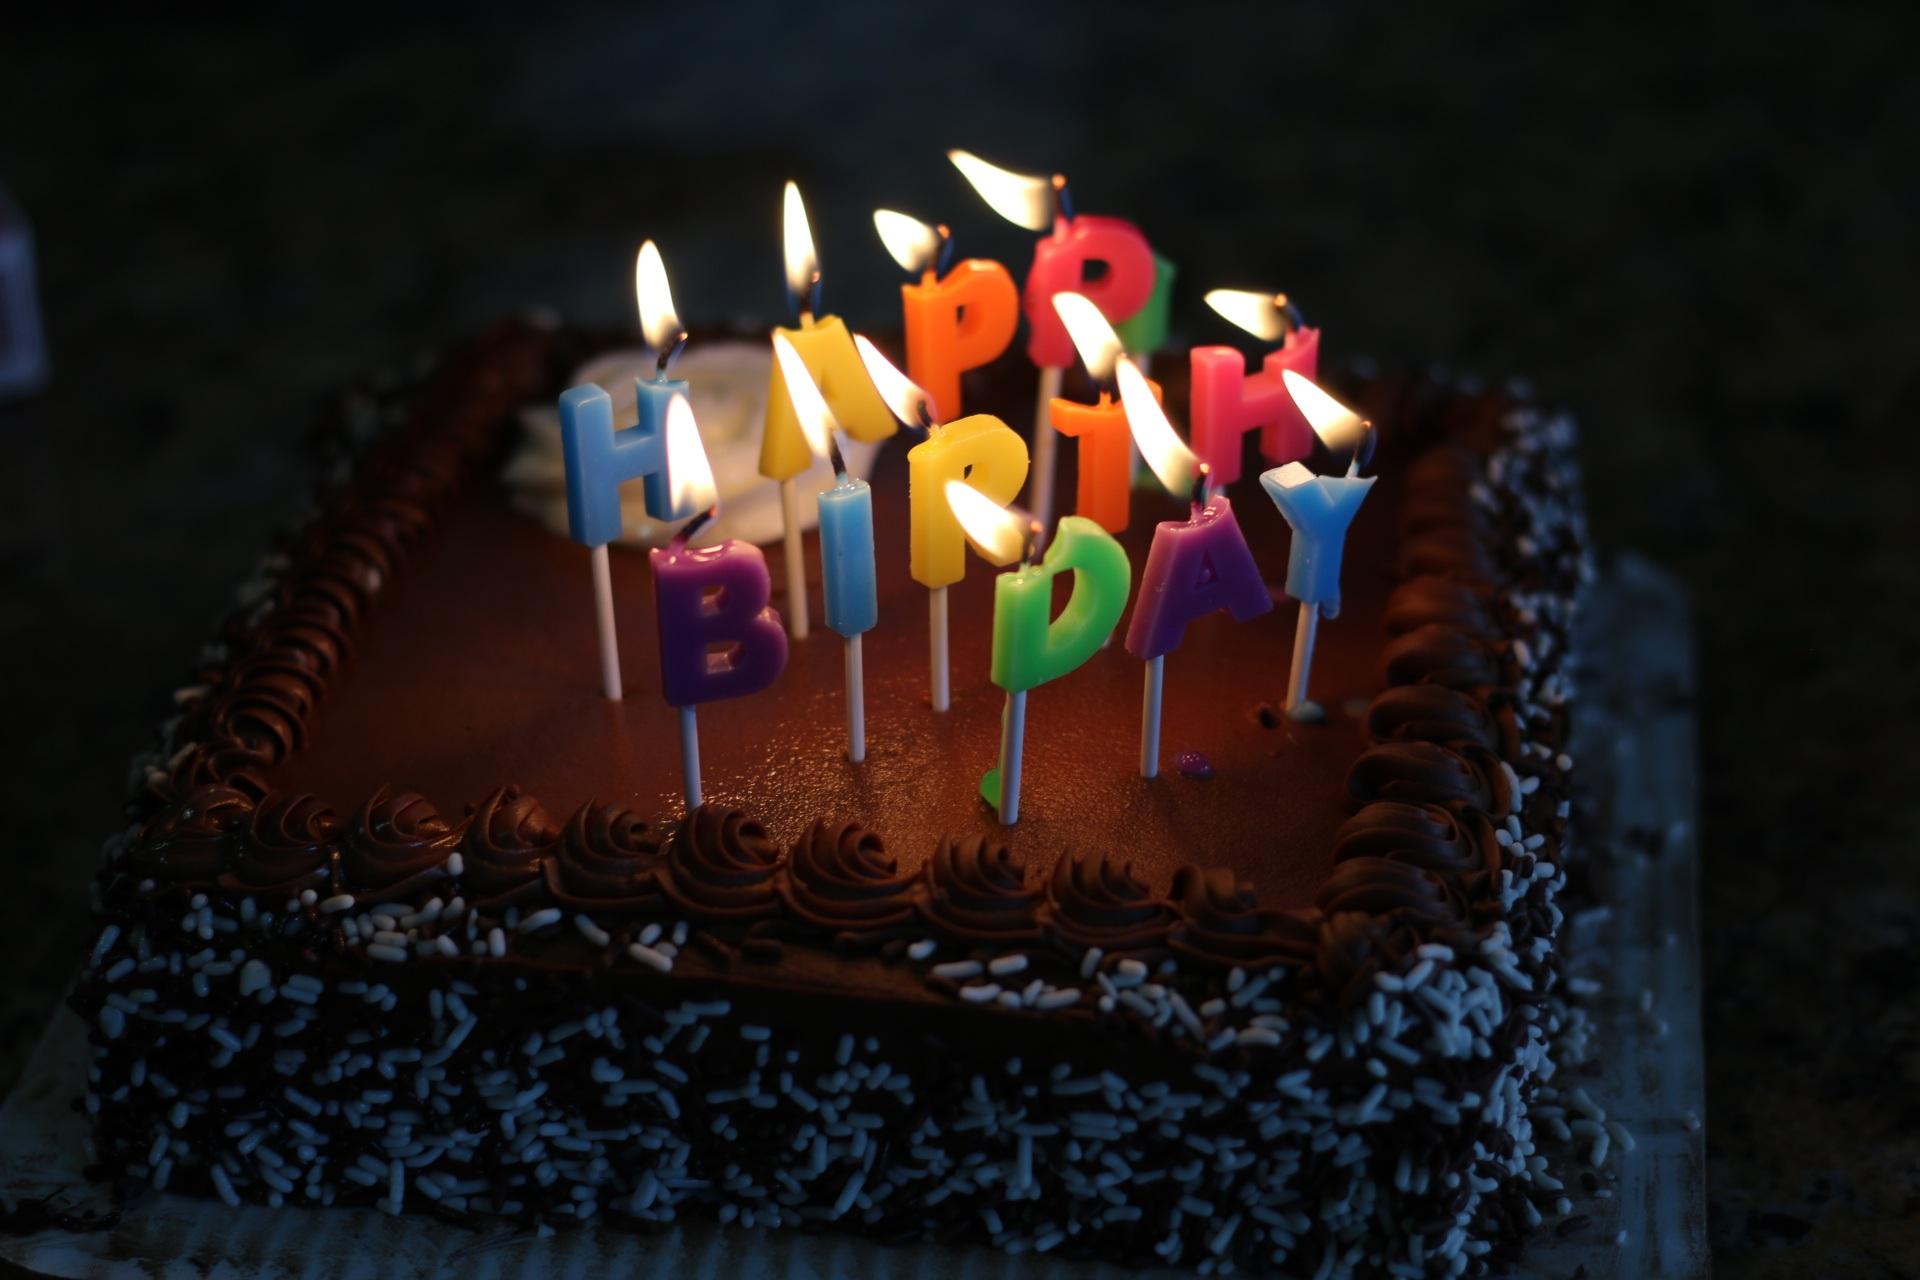 стоит картинки тортиков с днем рождения этом опасность травм